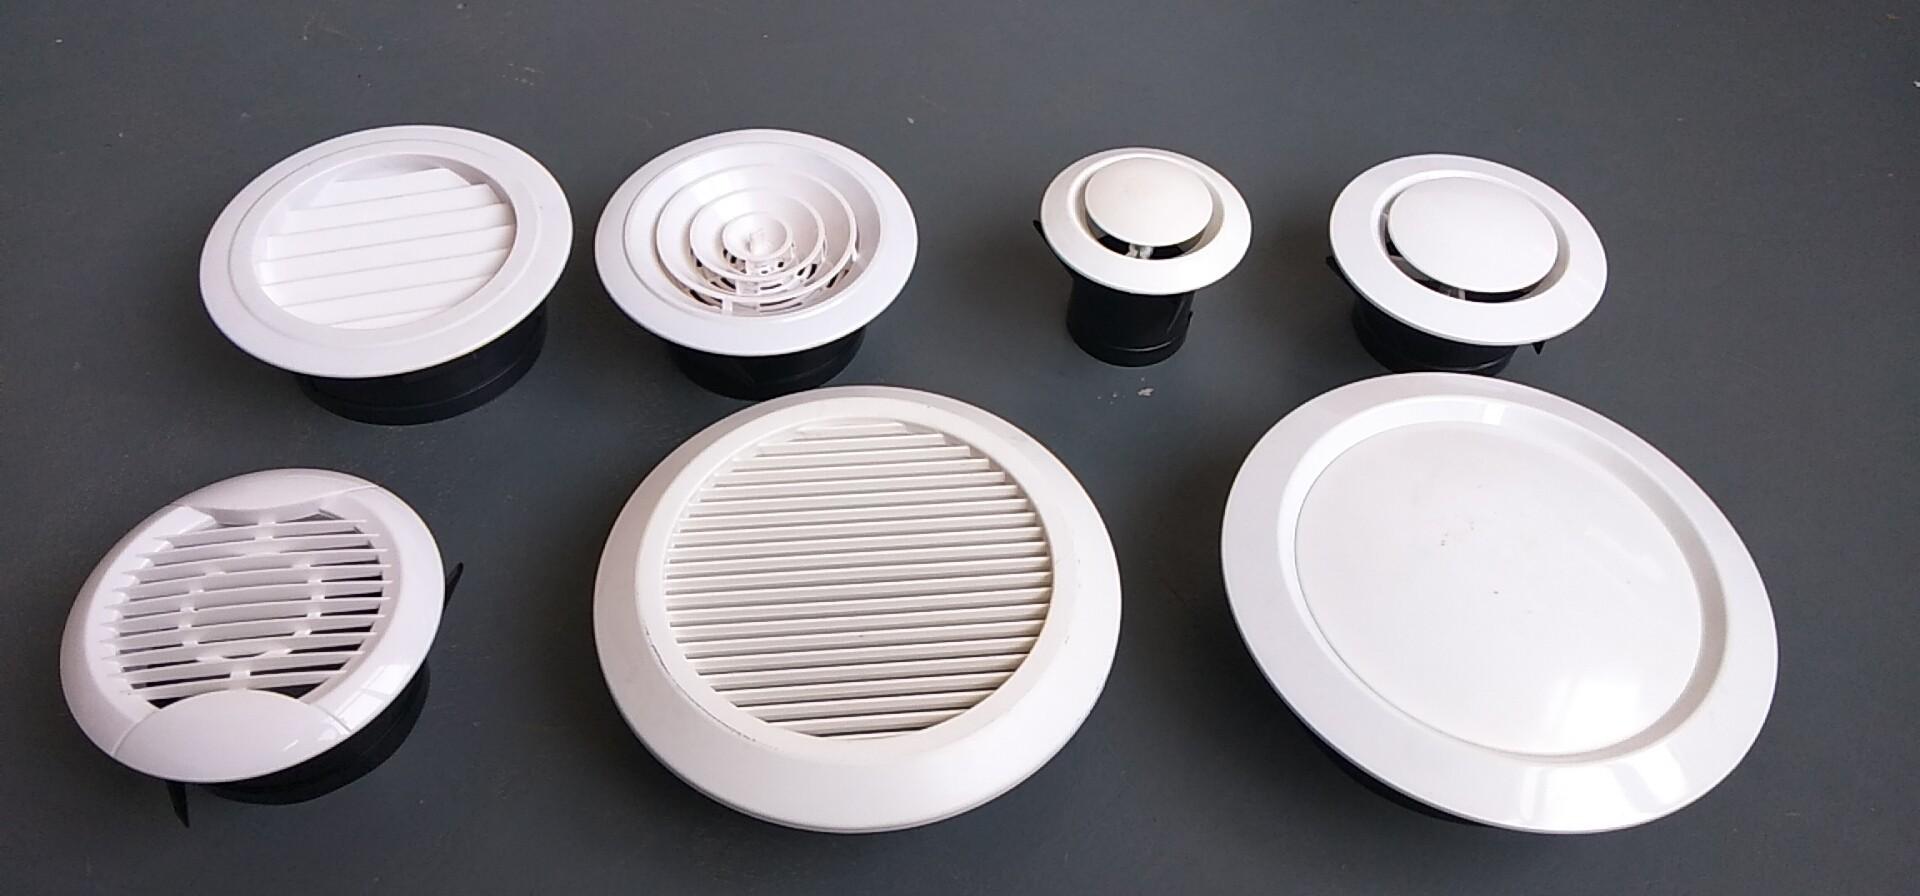 空调通风器材及零部件